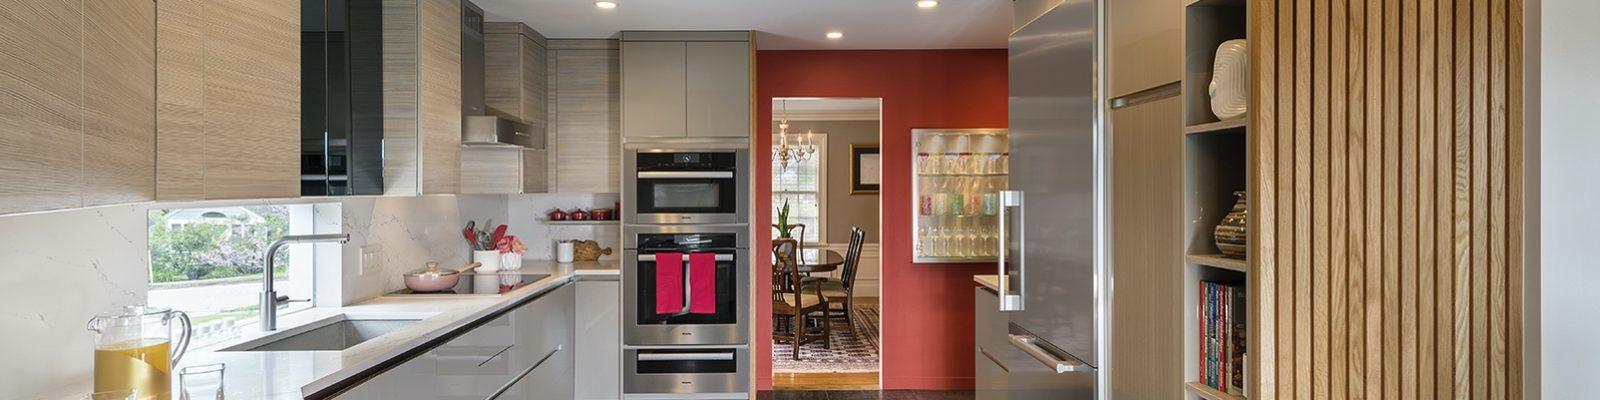 Best Kitchen Cabinet Brands In 2021, Best Kitchen Cabinet Brands 2021